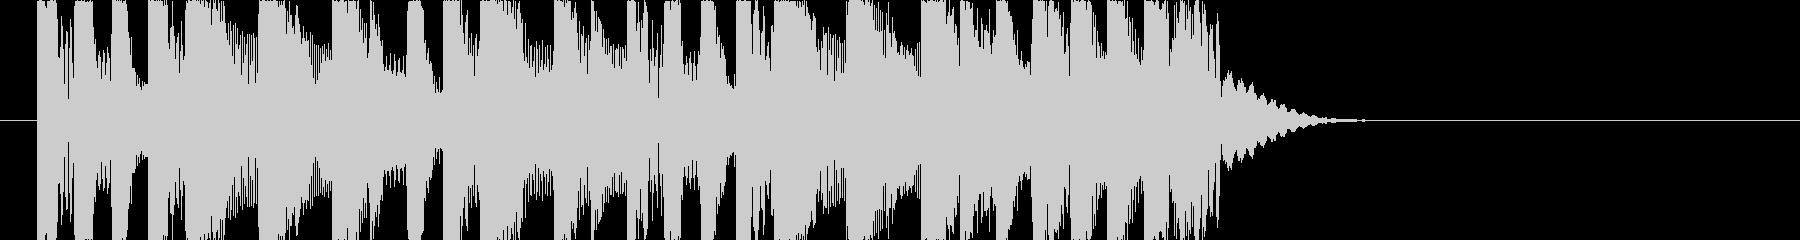 ノリの良いジャングルレゲエジングルの未再生の波形